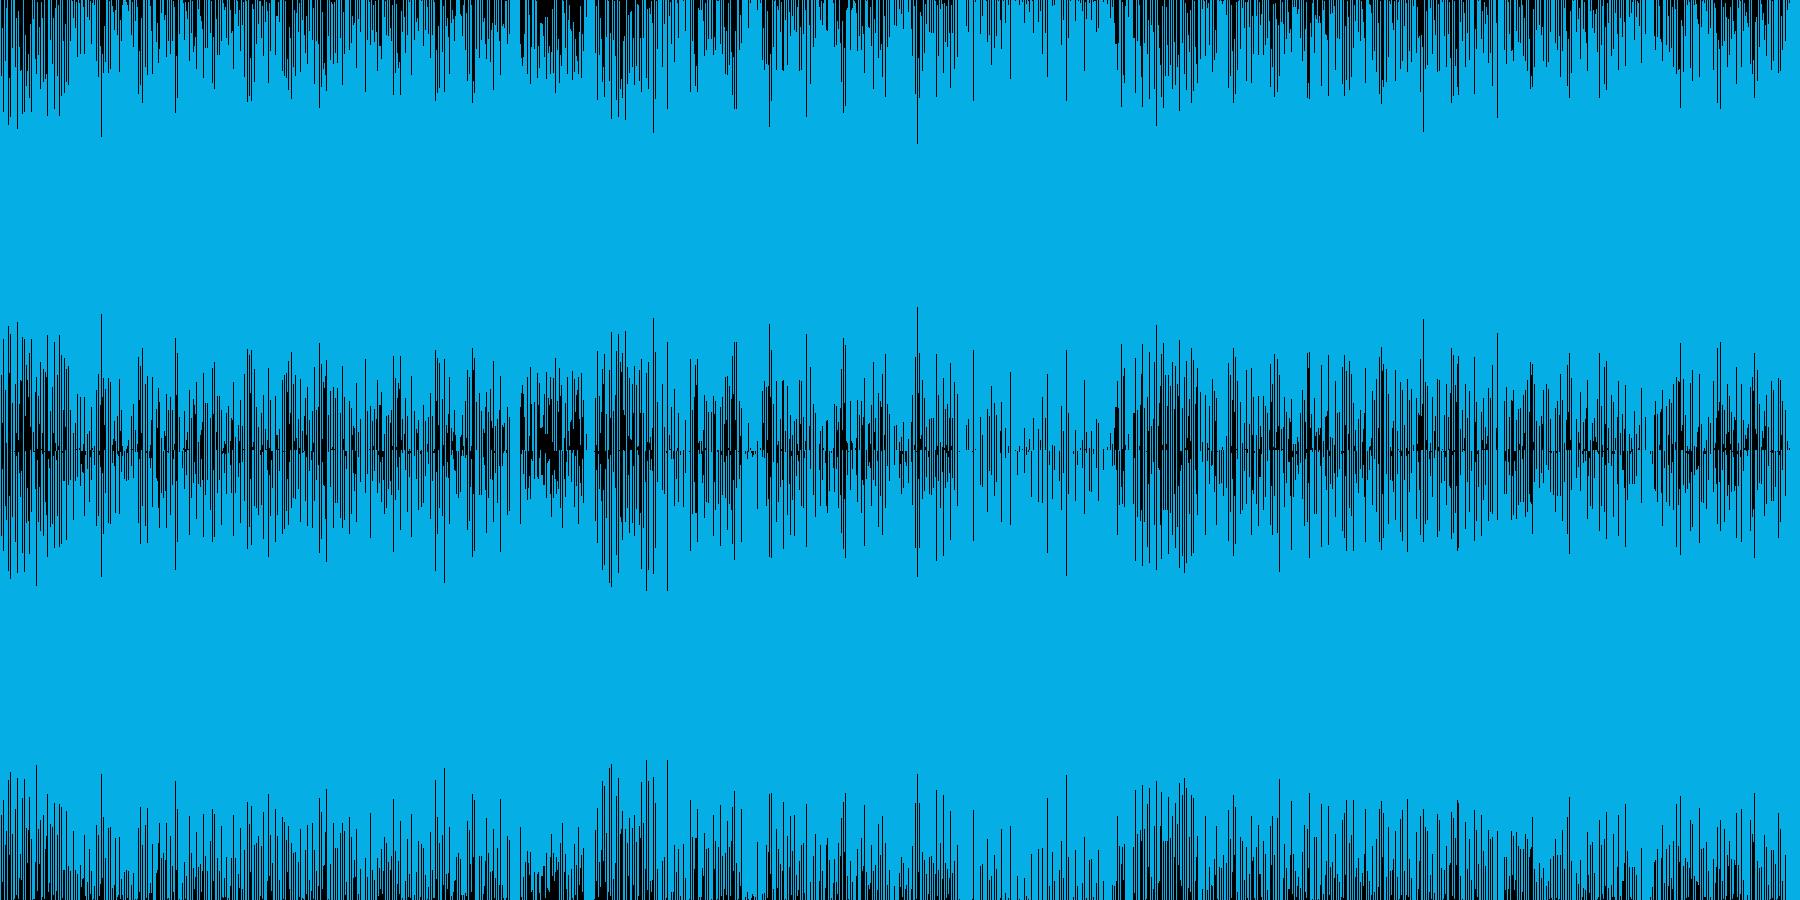 疾走感のあるテクノの再生済みの波形